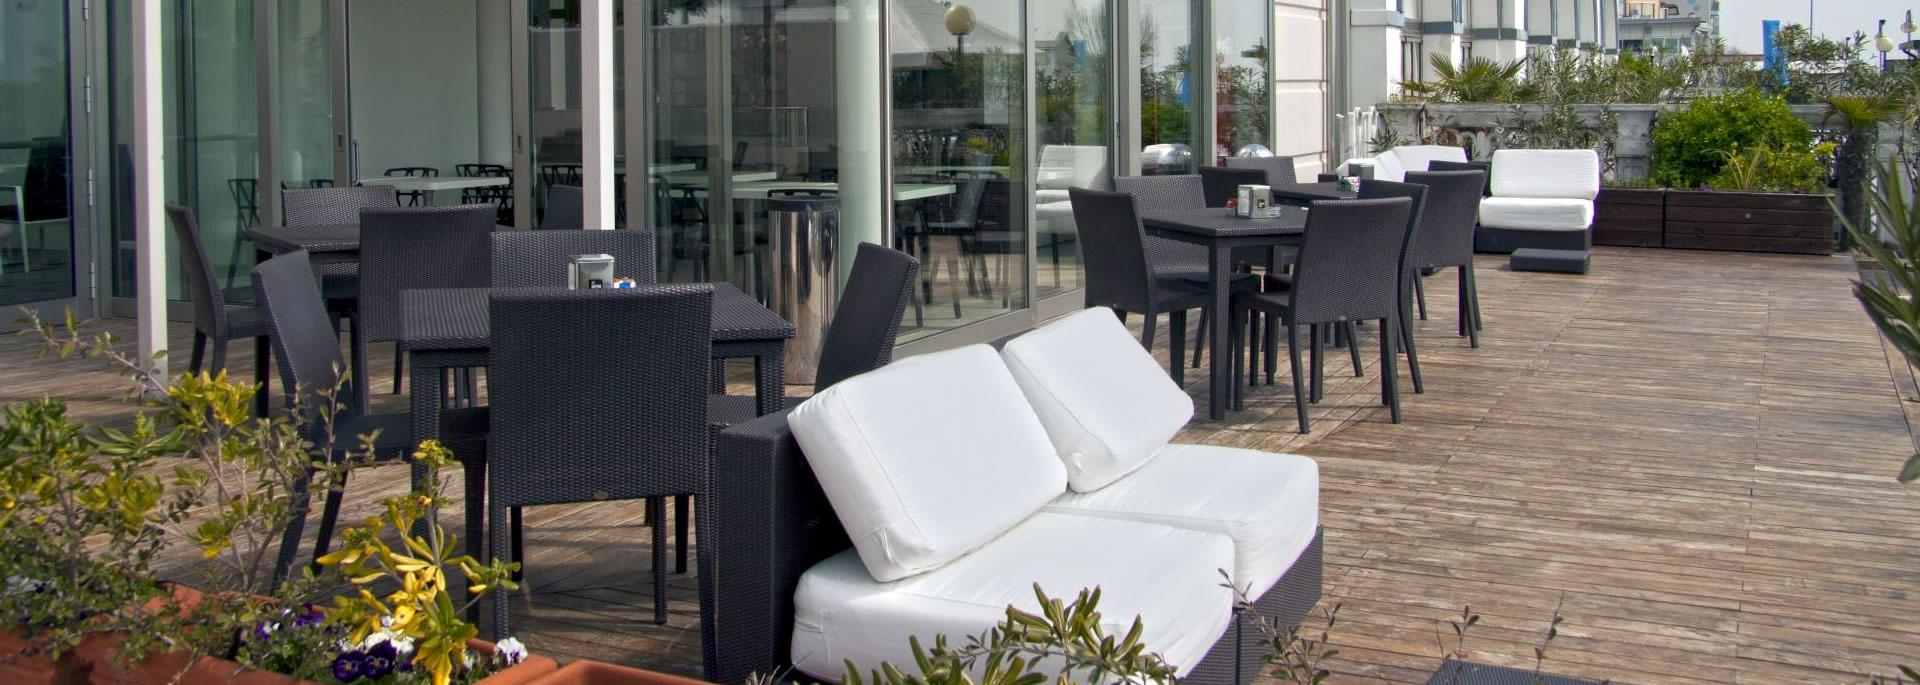 Hotel 3 sterne jesolo hotel jesolo lido bali for Boutique hotel jesolo